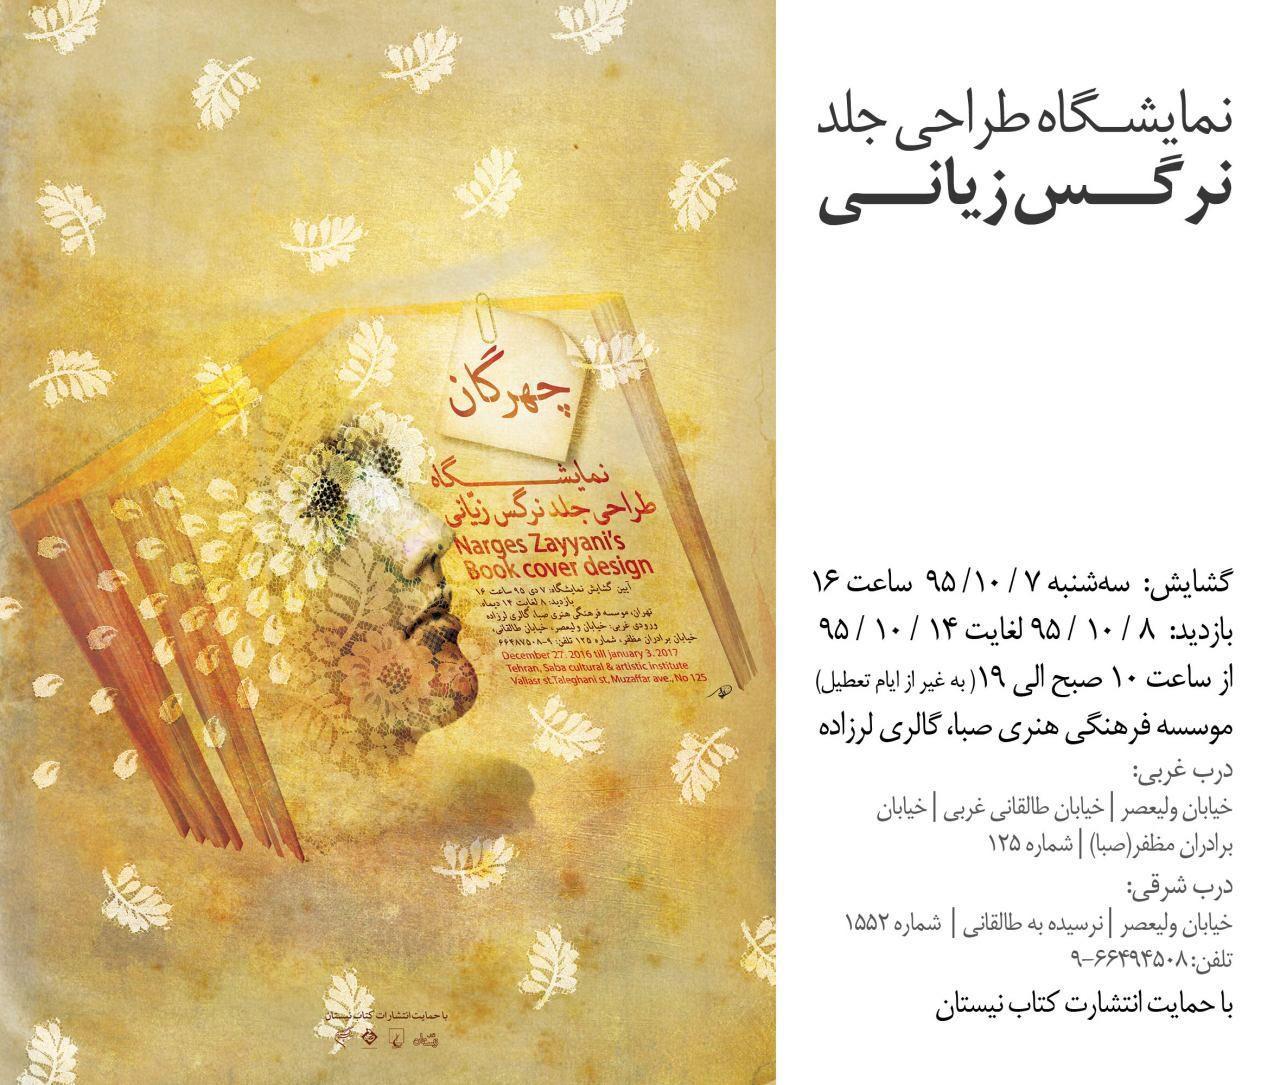 نمایشگاه طراحی جلد «نرگس زیانی»